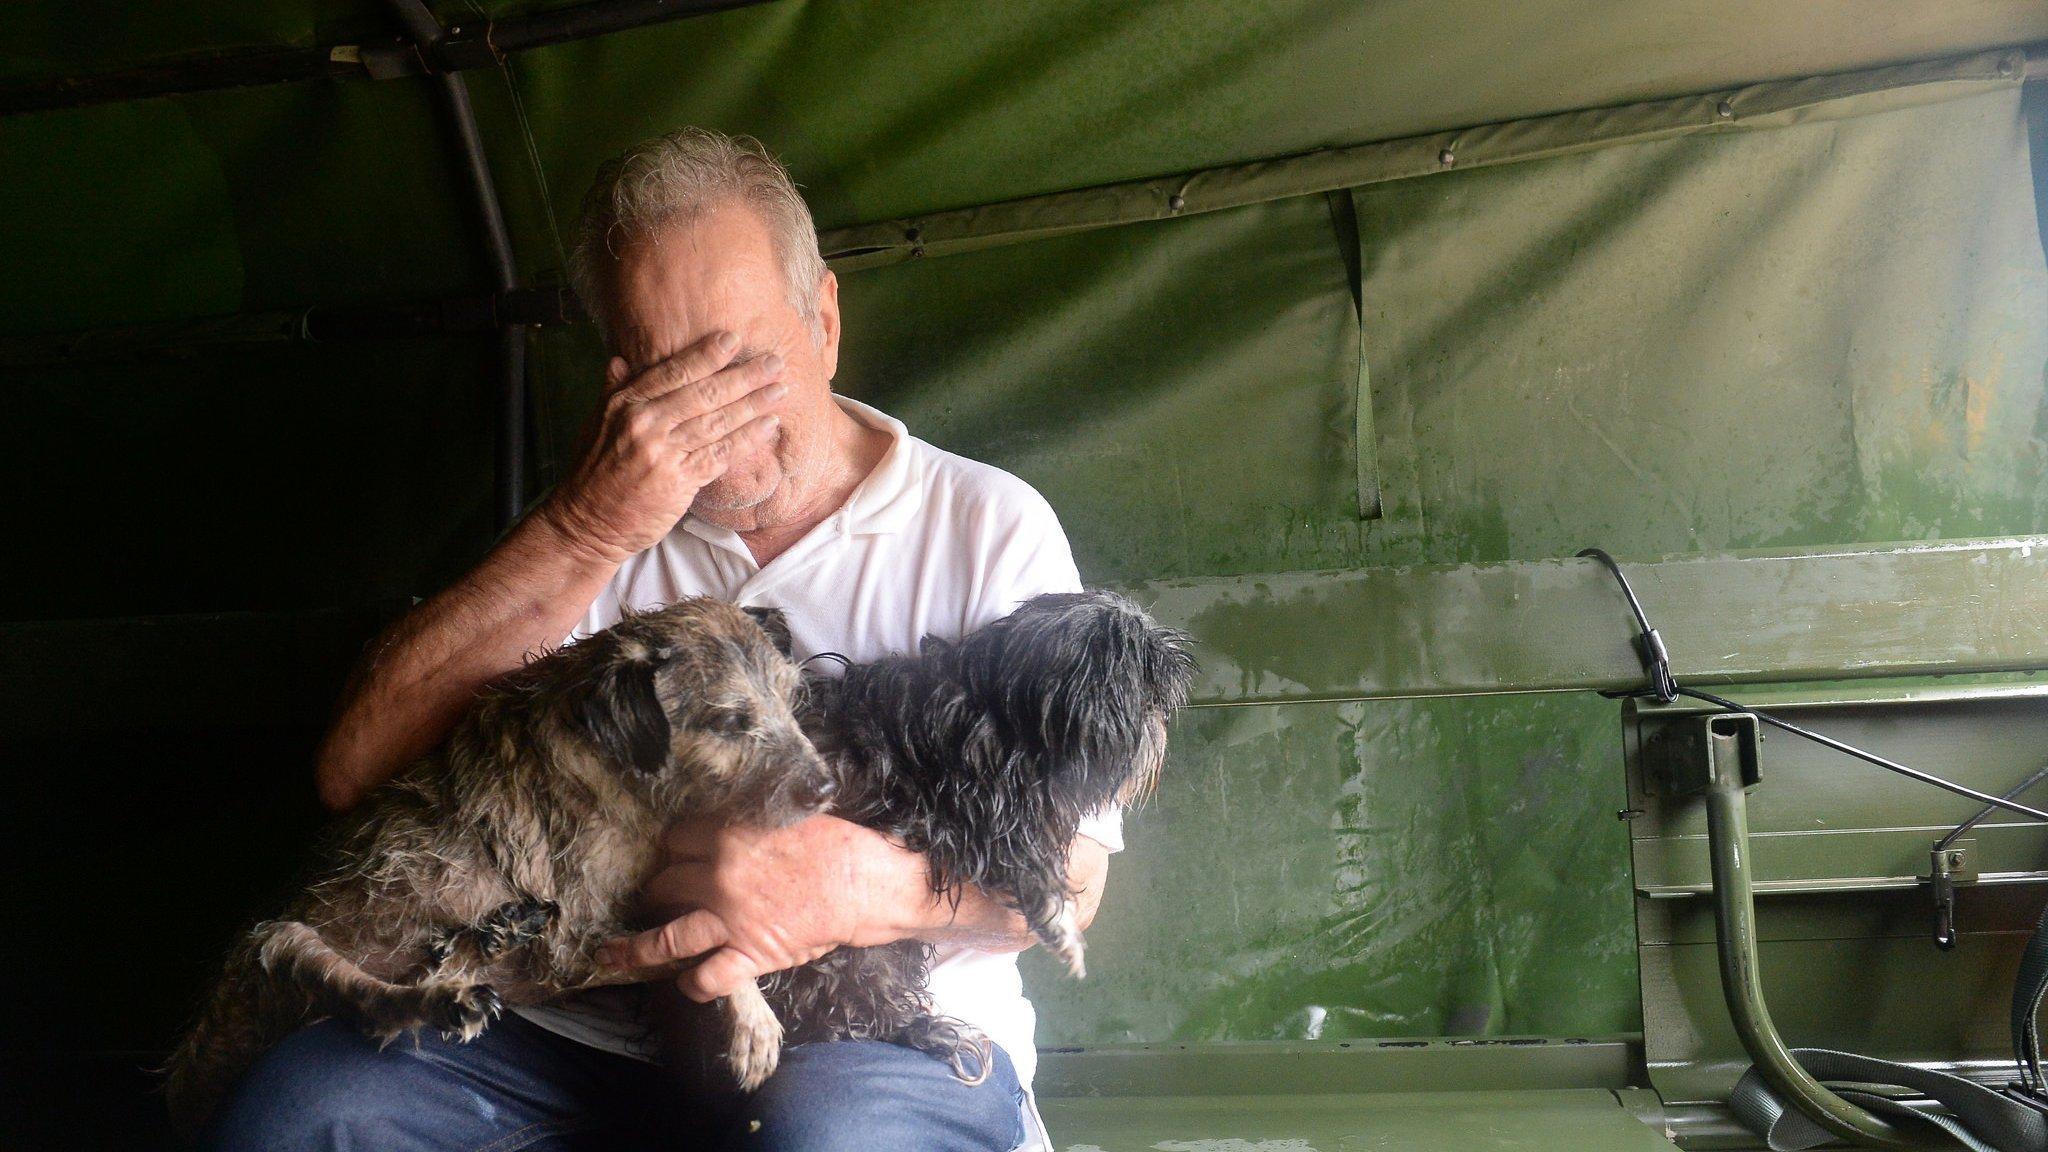 """Ein älterer Mann sitzt auf einer Pritsche in einem Lastwagen. Er hat zwei kleine Hunde im Arm und hält sich die Hand vor die Augen. Er macht einen verzweifelten Eindruck. Seine Kleidung ist durchnässt. Die Texas National Guard war ihm zur Hilfe gekommen, als Hurrikan """"Harvey"""" im August 2017sein Stadtviertel in Houston überschwemmte."""